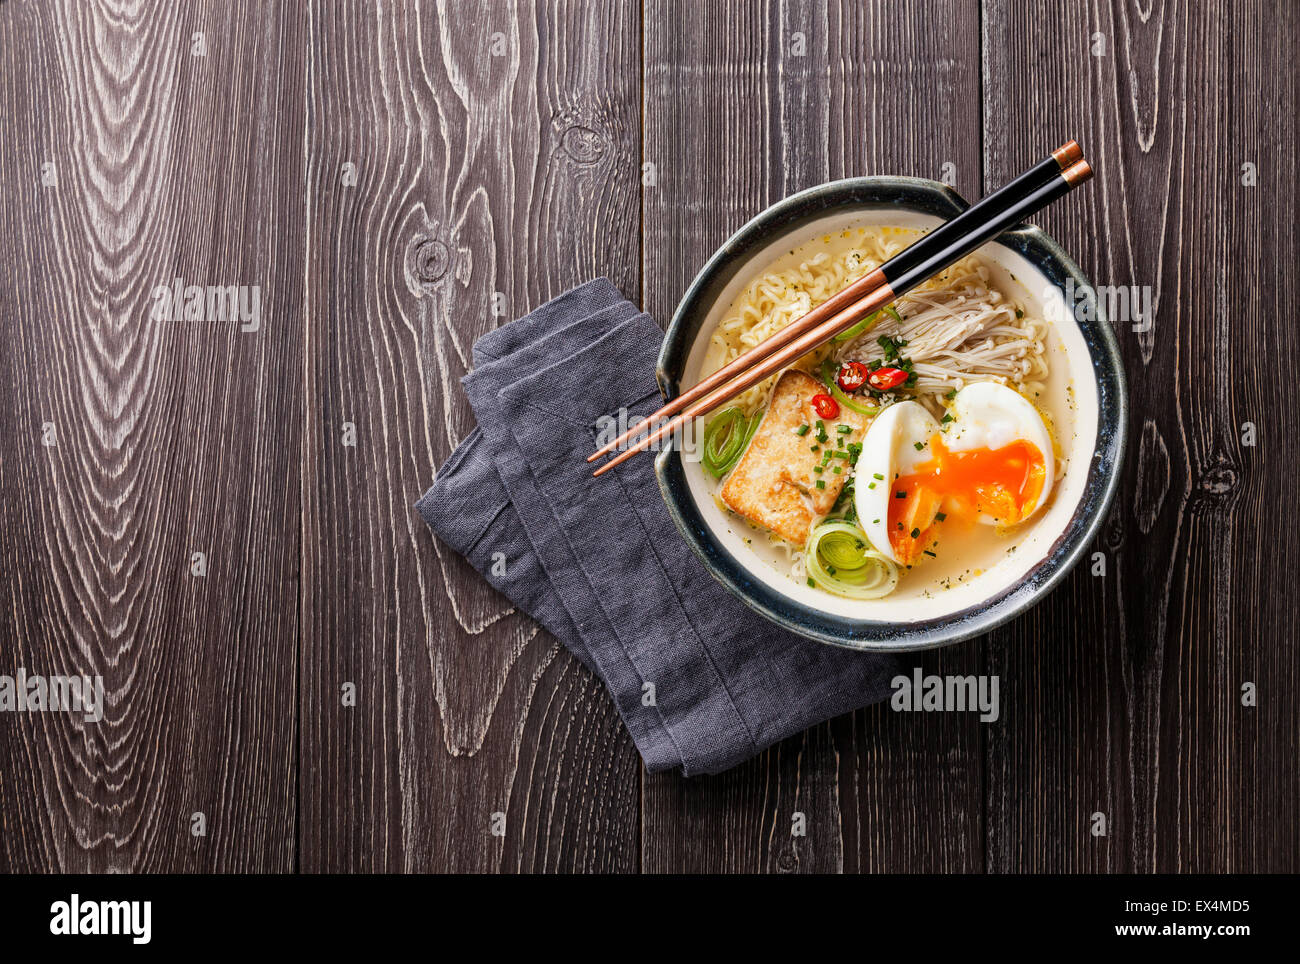 Nouilles asiatiques avec des œufs, tofu et enokis dans un bol sur fond de bois gris Photo Stock